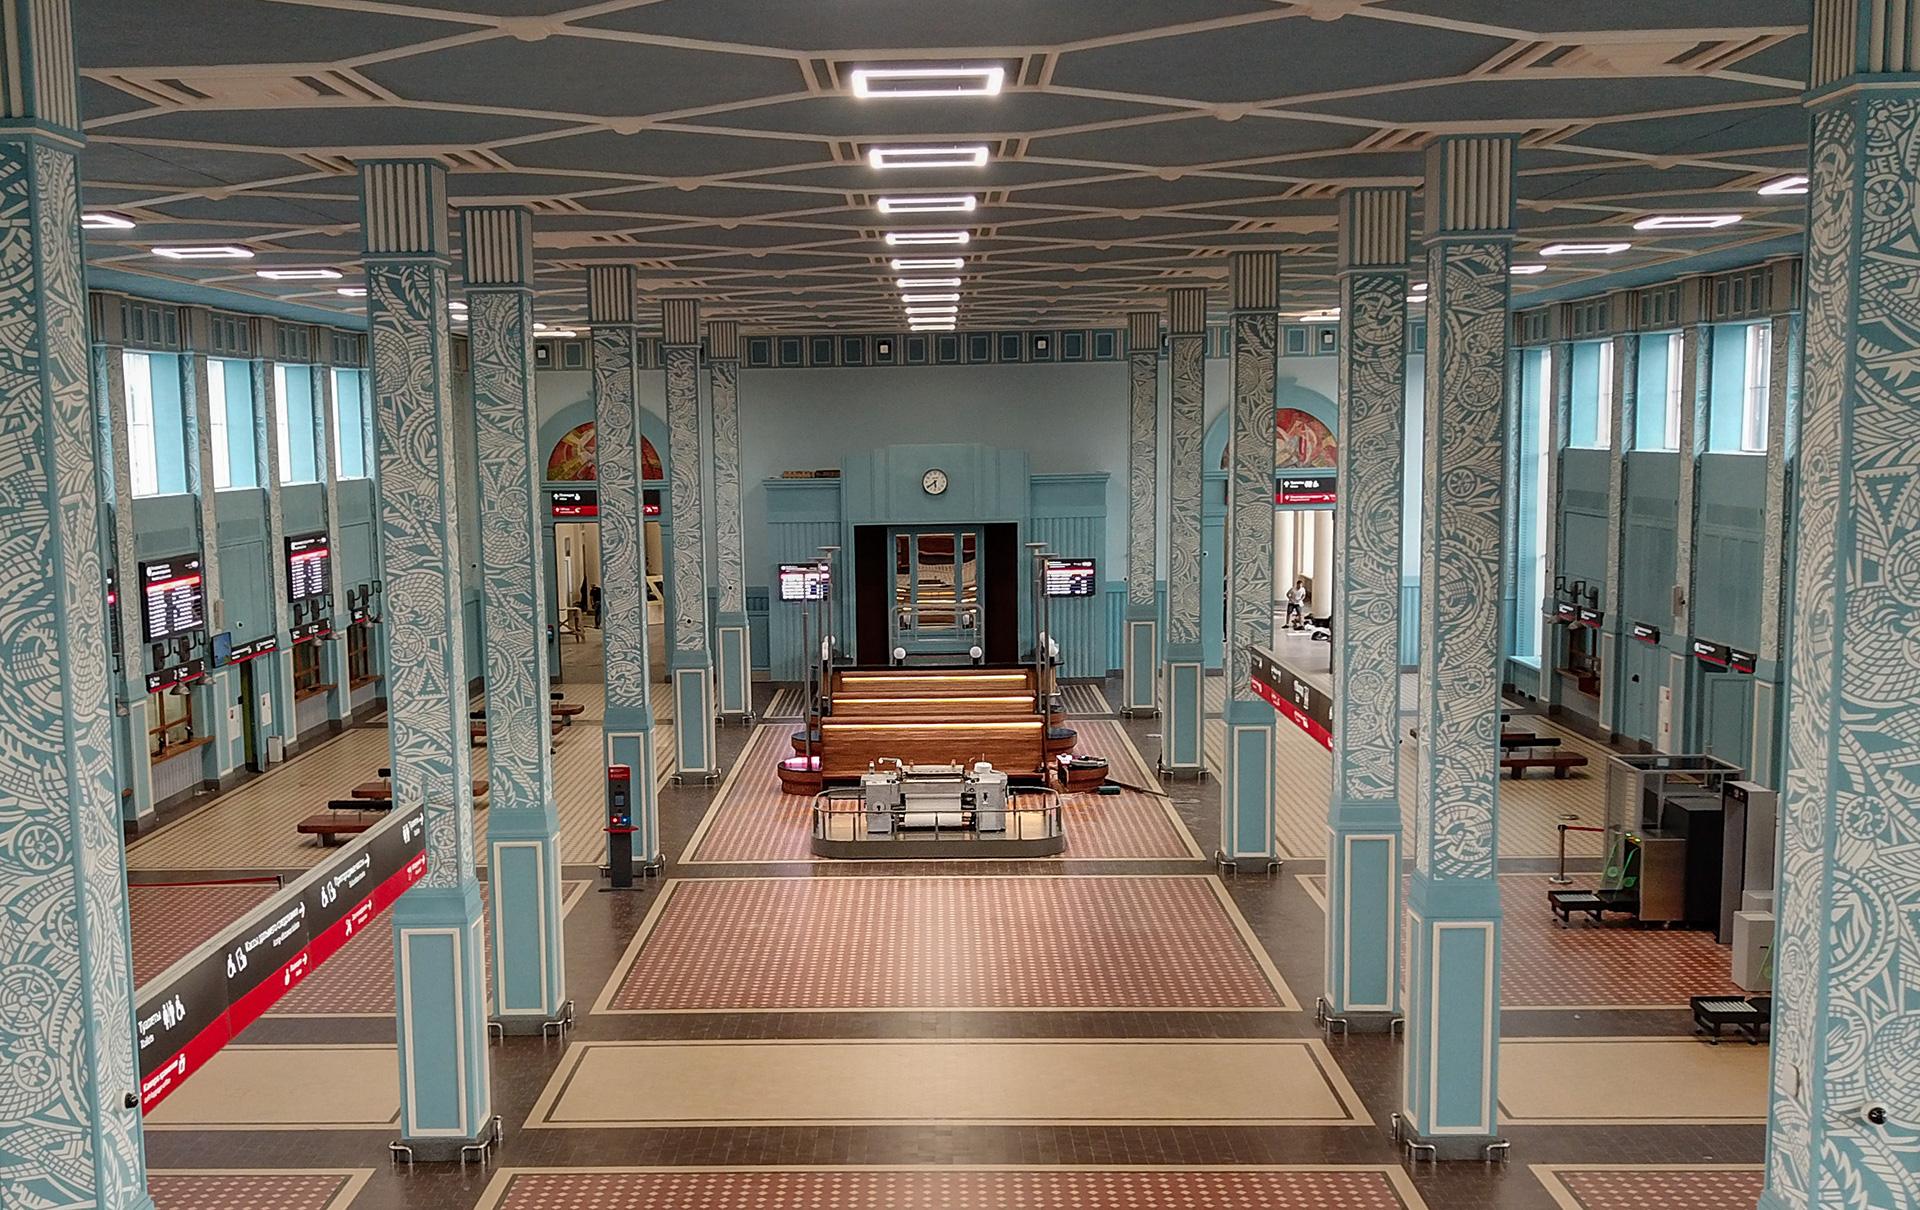 Иваново вокзал фото